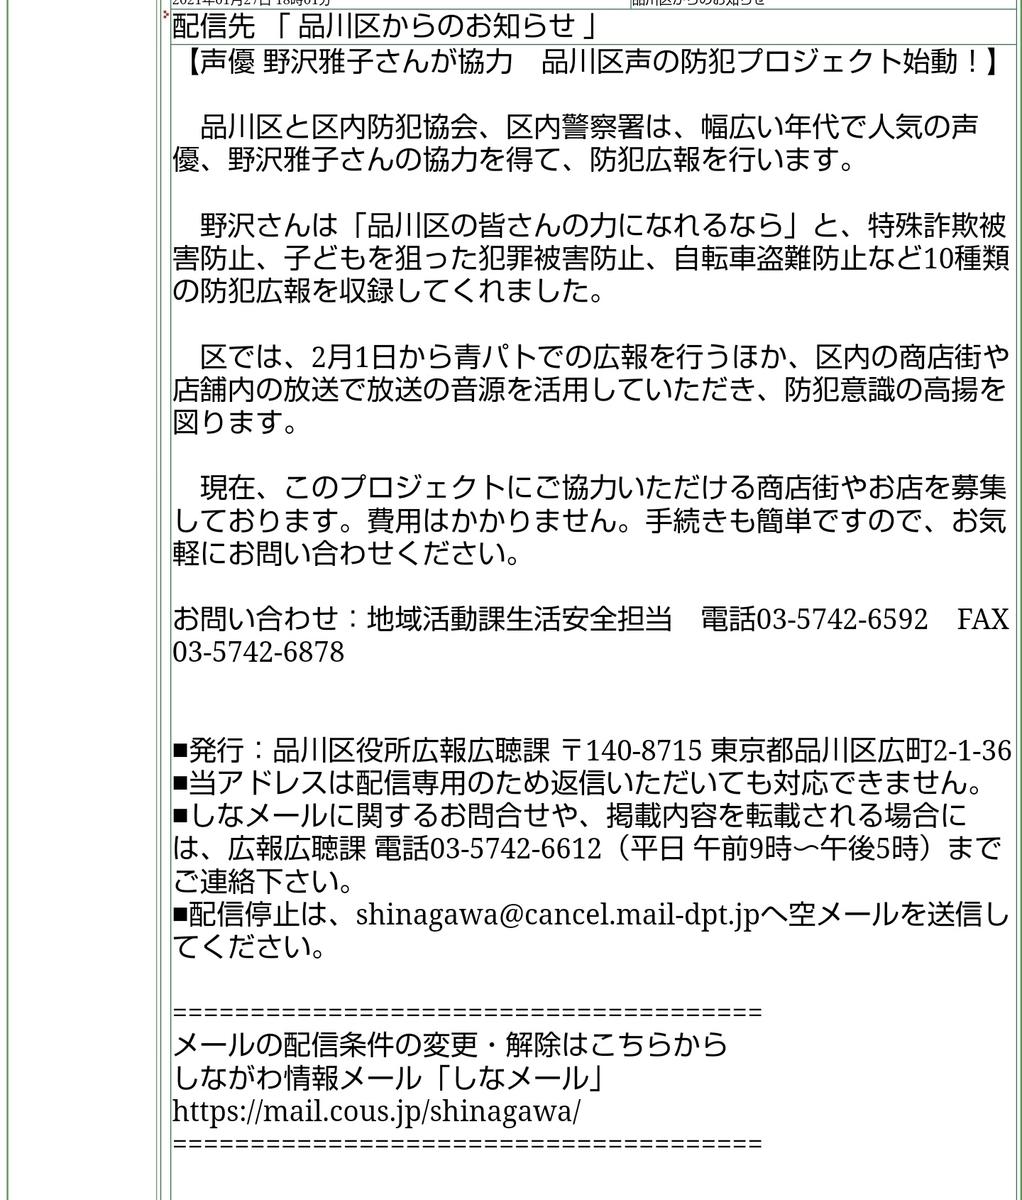 f:id:mikyo-ya:20210204105414j:plain